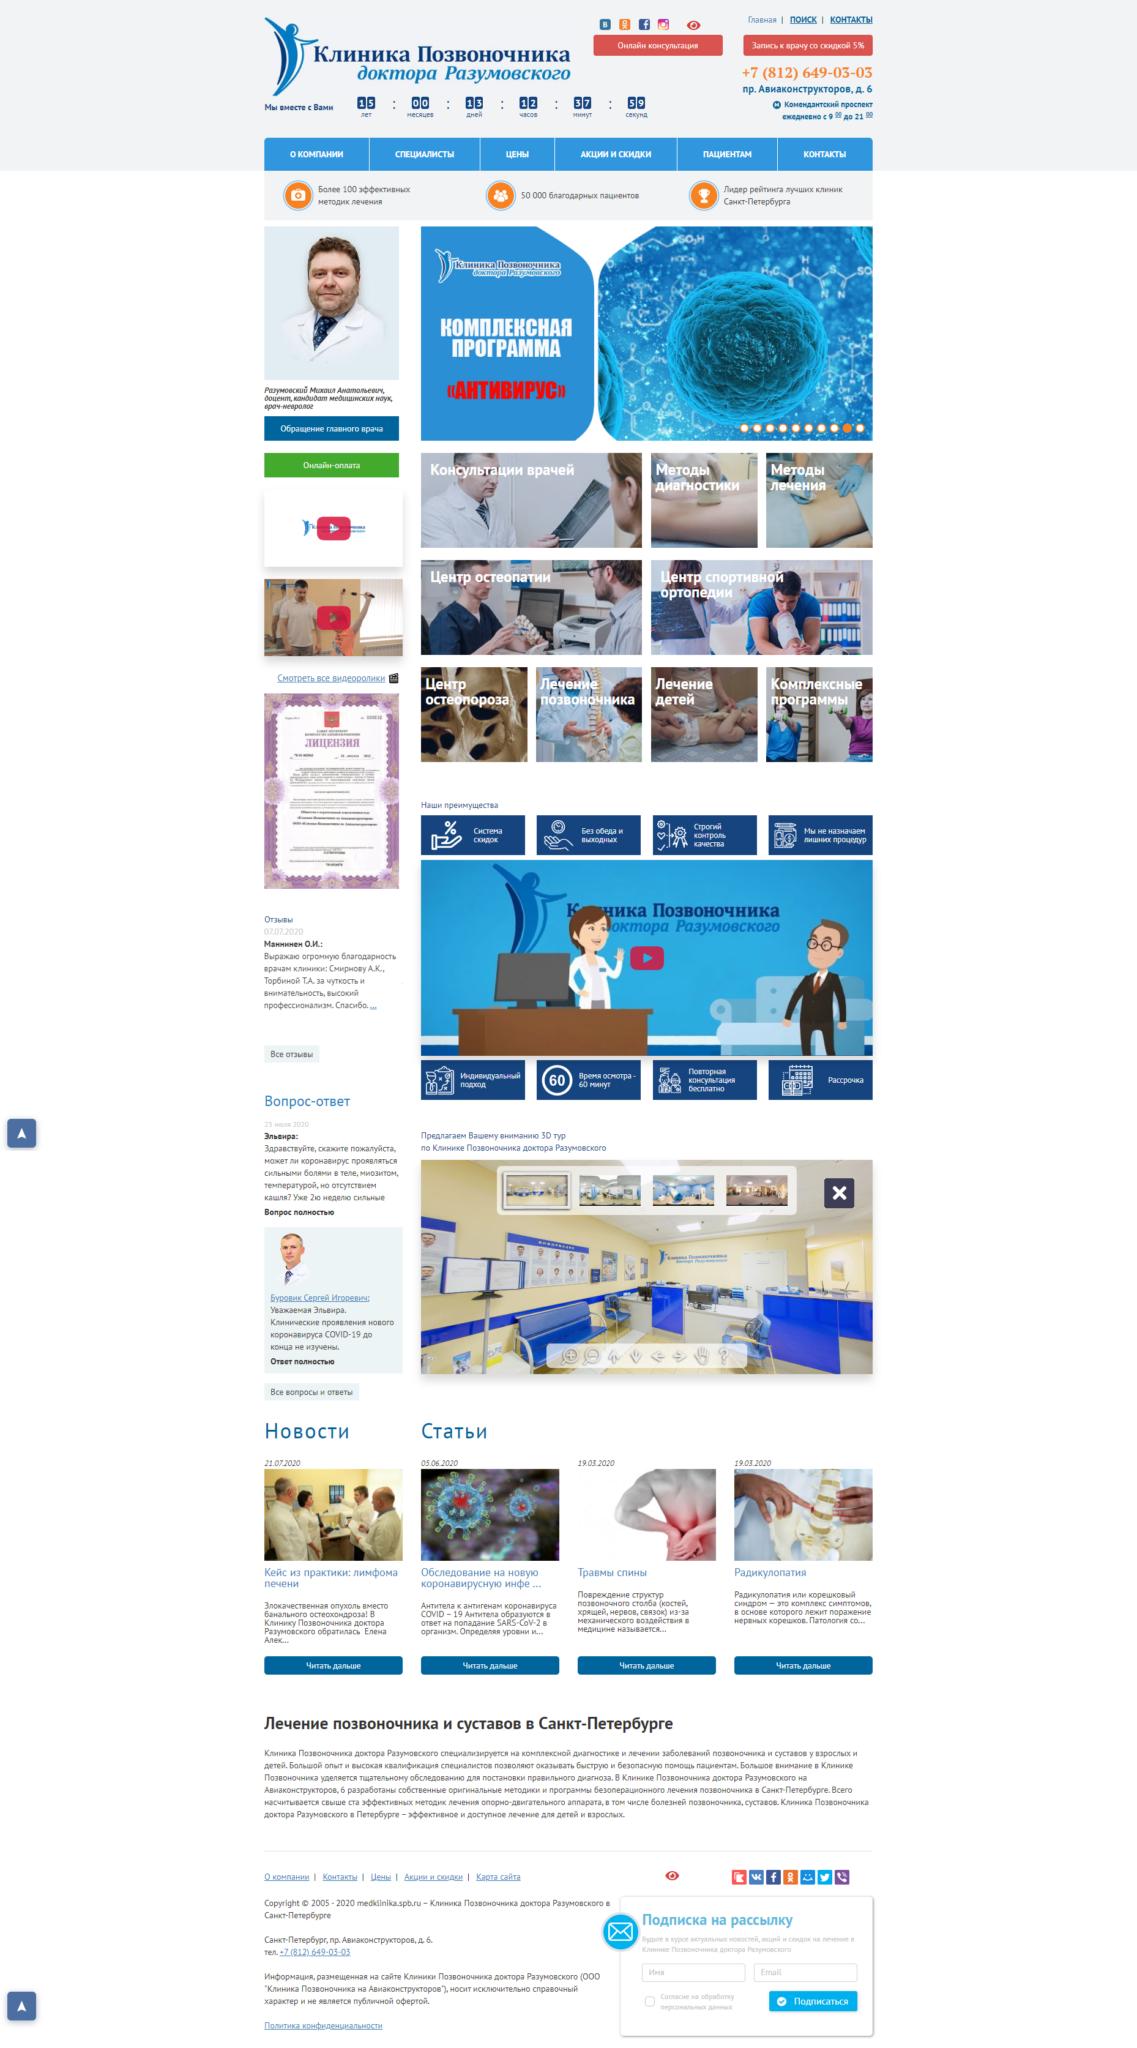 скриншот сайта